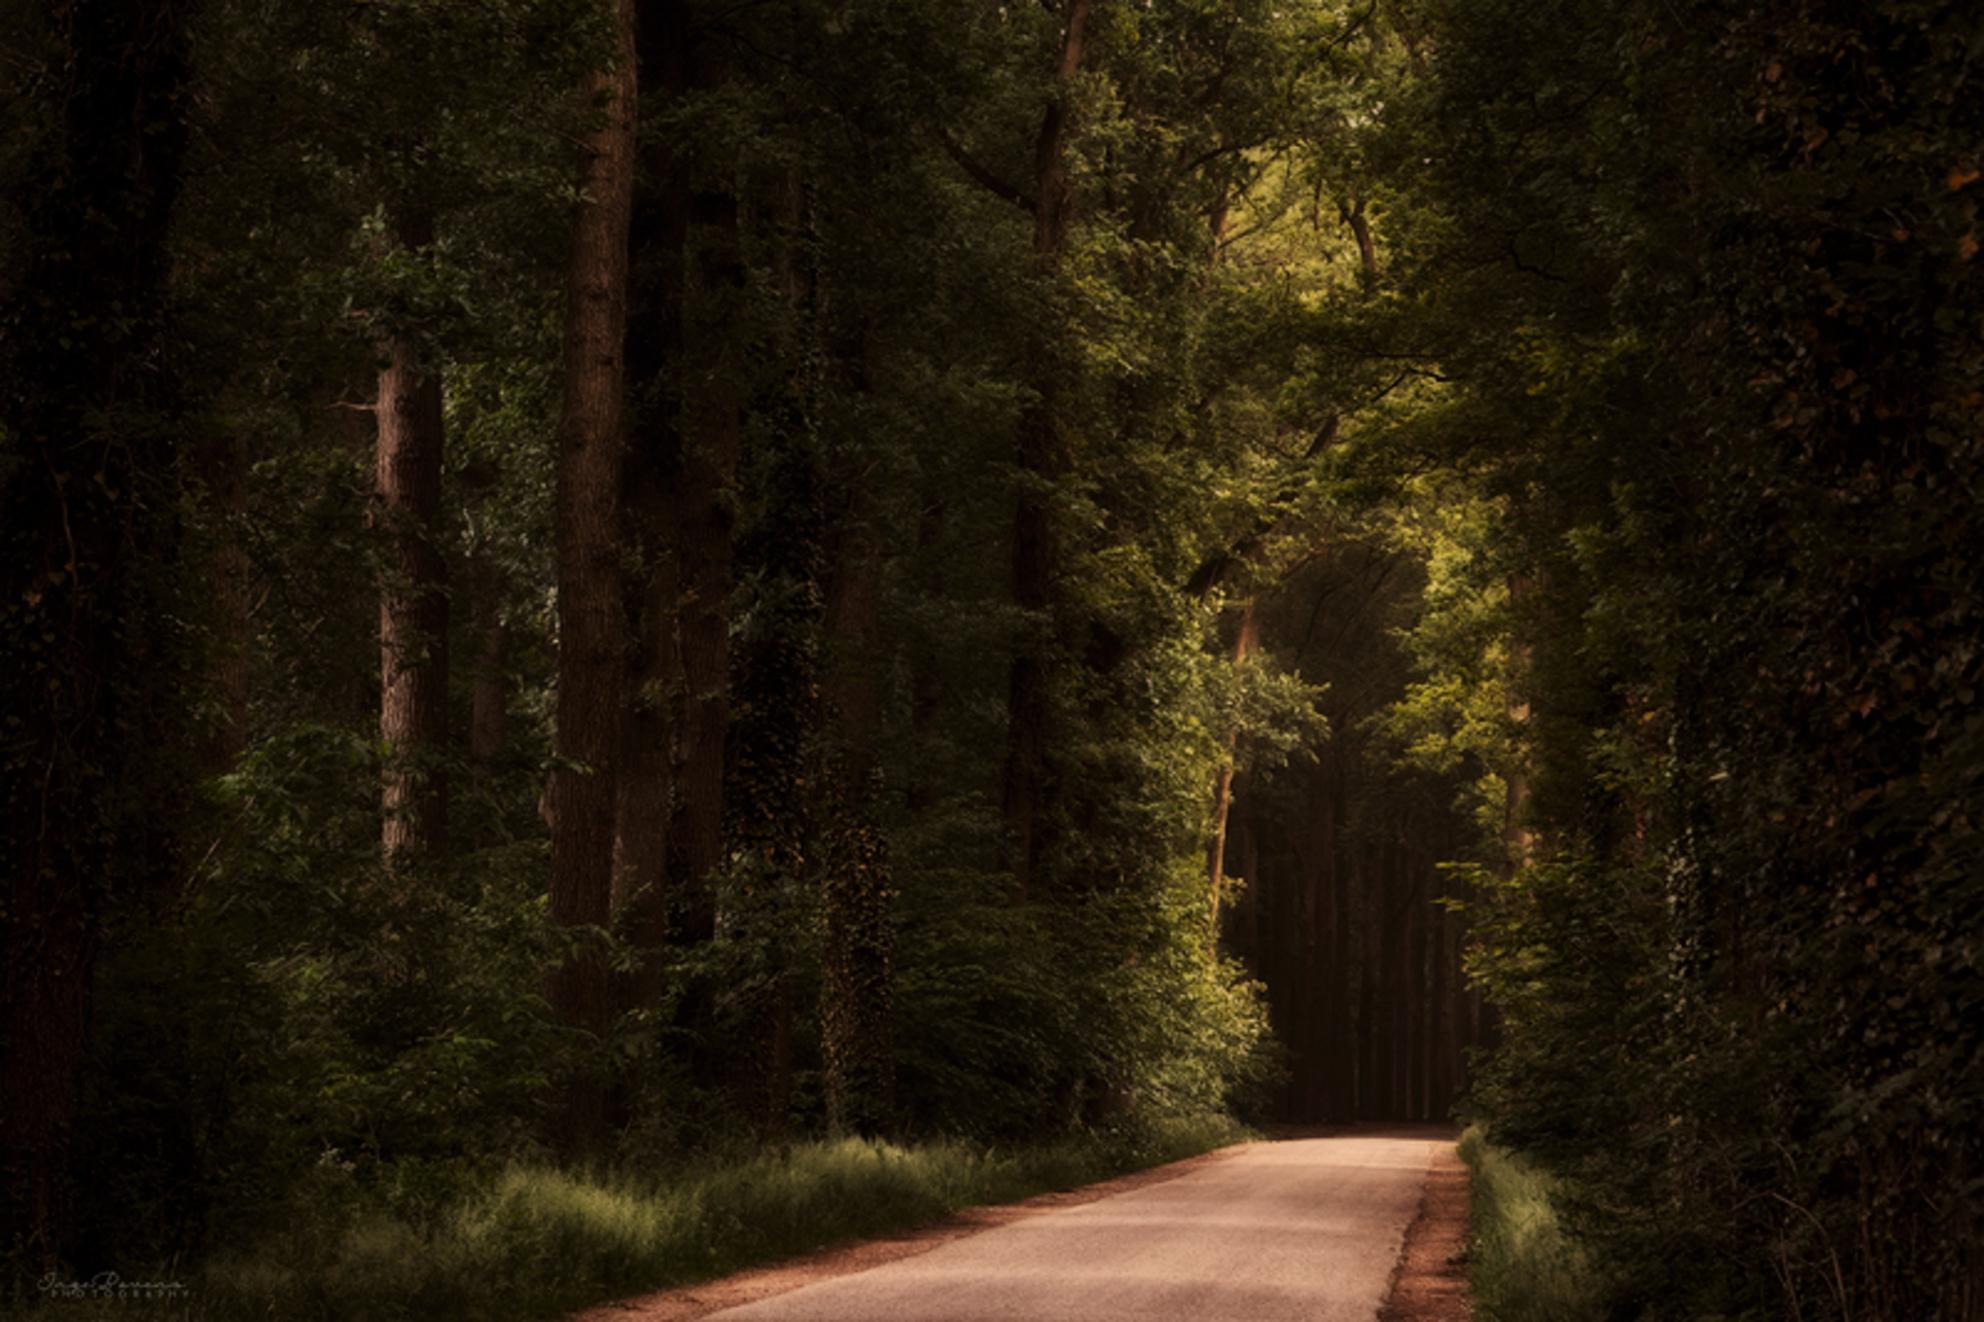 The Magic of Light. - Velhorst, Gelderland. Fijne zondag! - foto door IngeBovens op 02-10-2016 - deze foto bevat: boom, lente, licht, landschap, bos, voorjaar - Deze foto mag gebruikt worden in een Zoom.nl publicatie